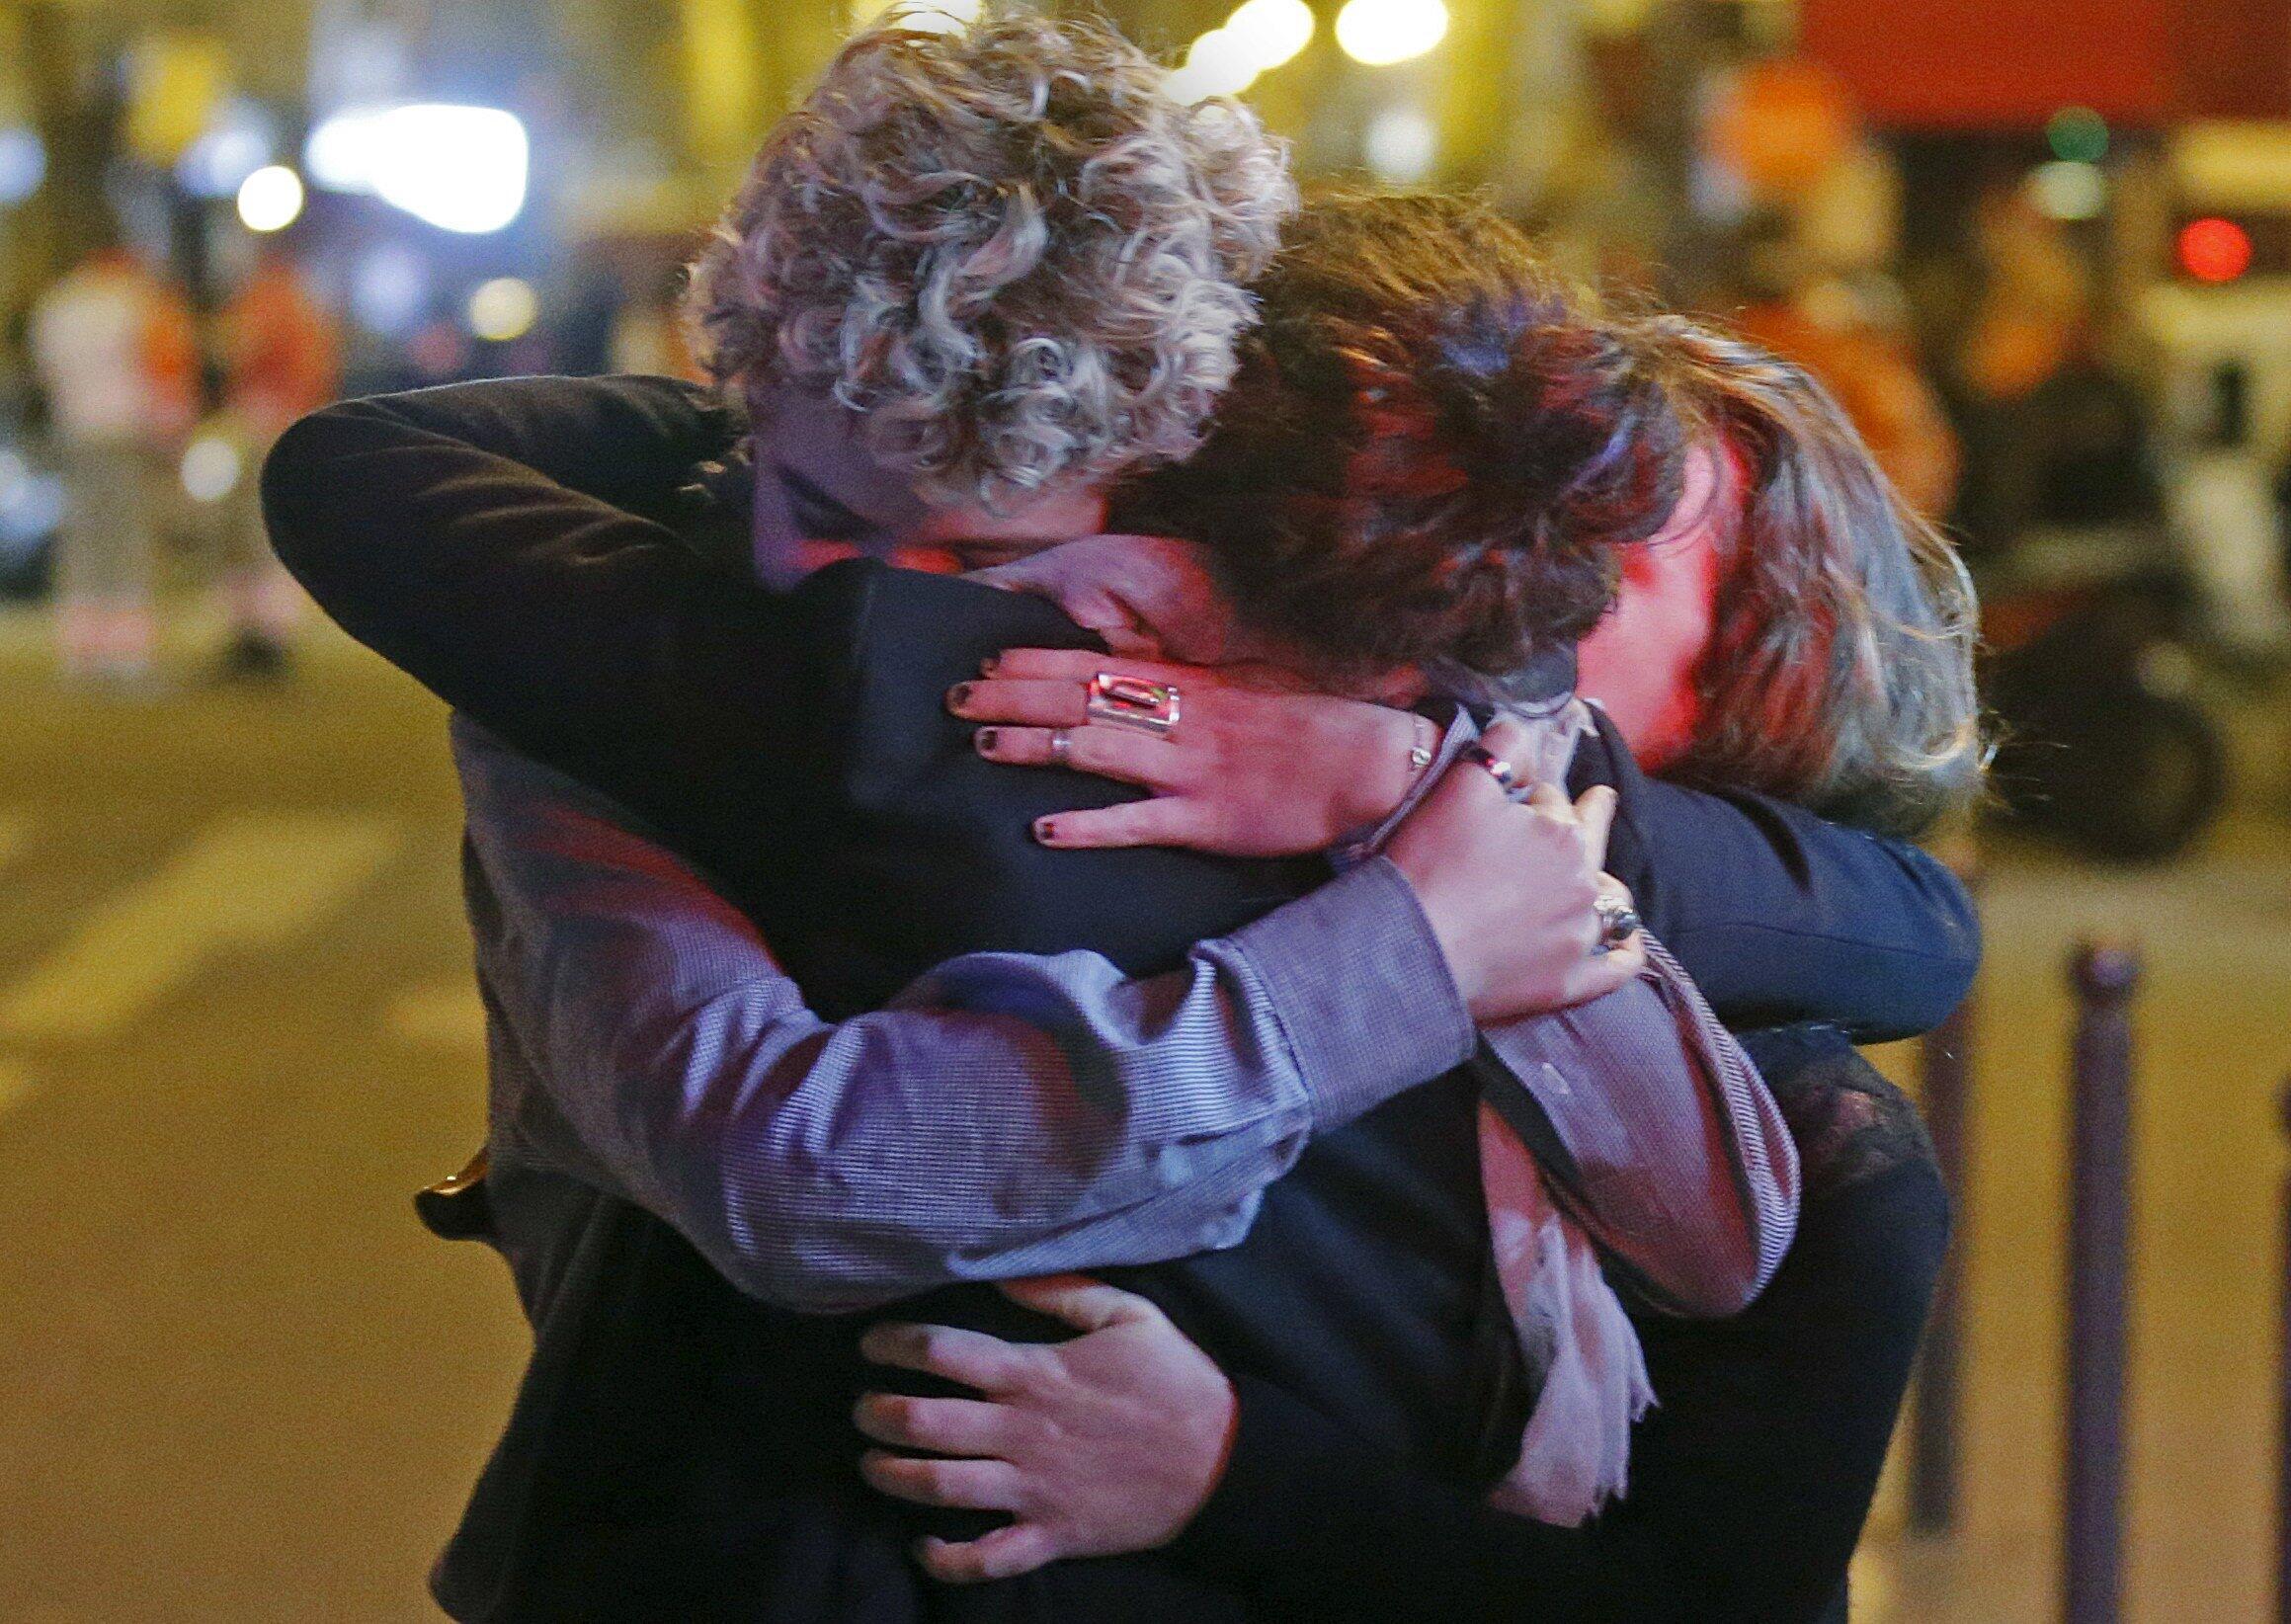 Atentados na França: o trauma psicológico dos sobreviventes.